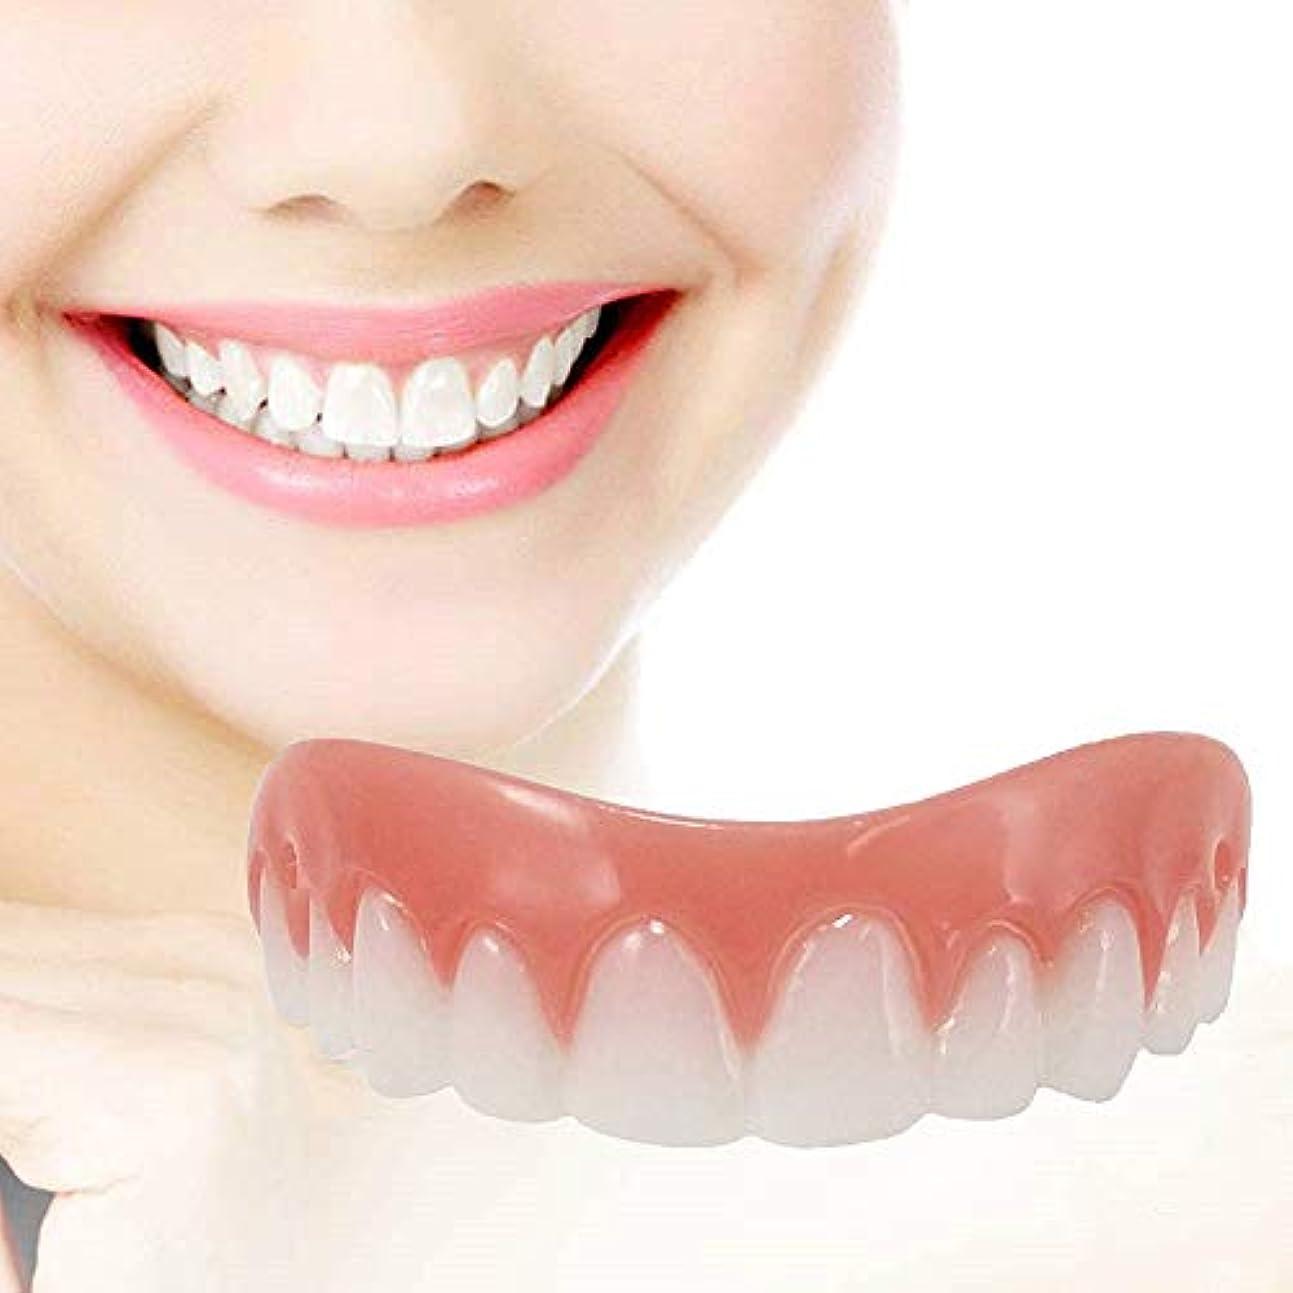 忠実に小間召喚する女性、人のために白くなる即刻のベニヤの義歯の微笑の慰めの適合の屈曲の化粧品の偽歯